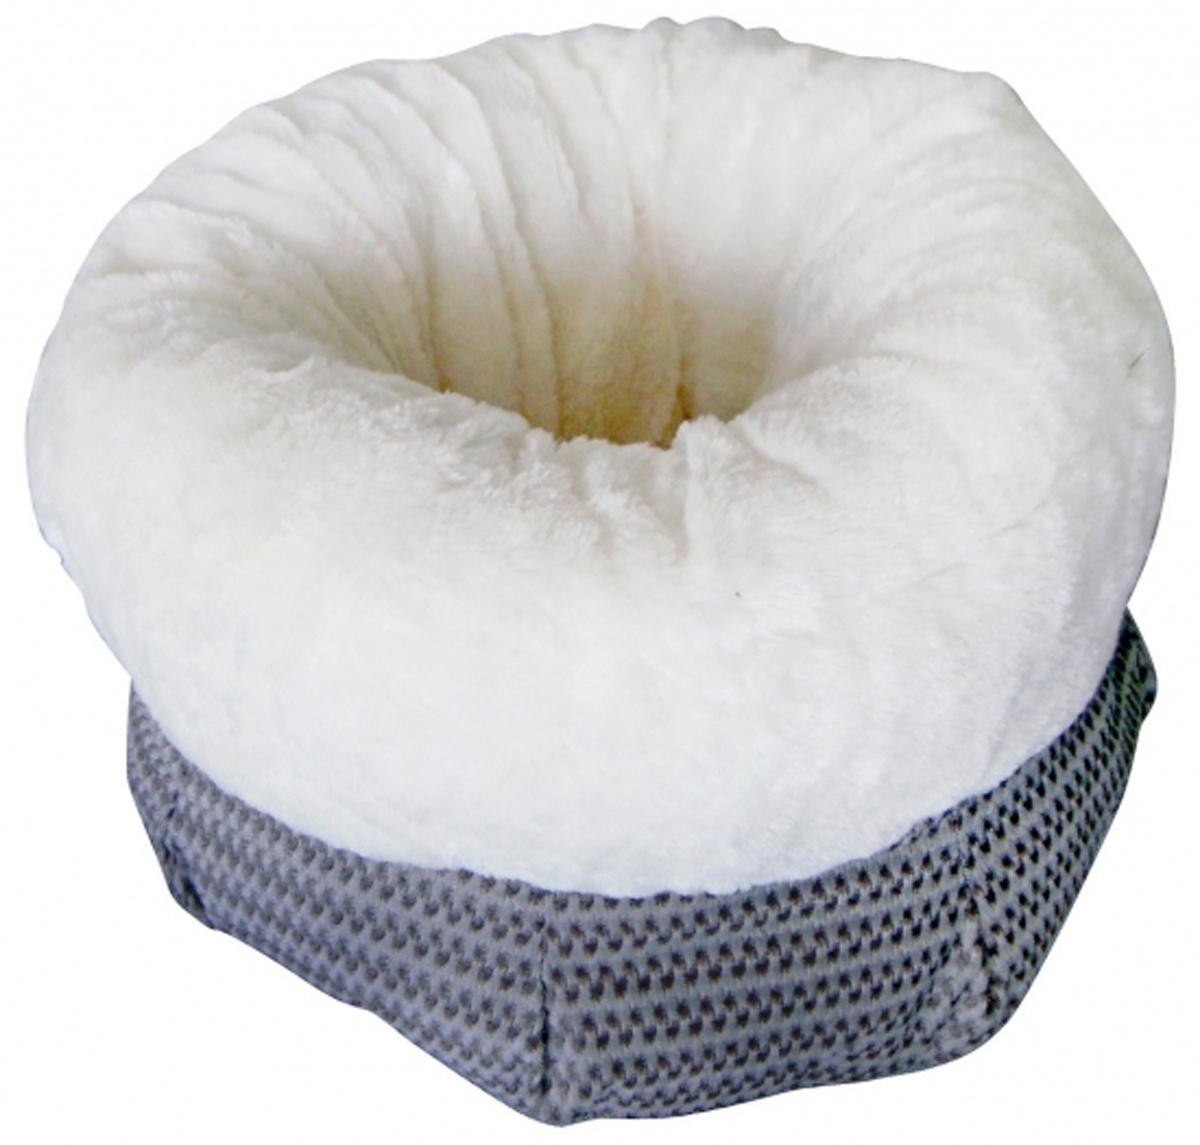 Лежак для животных FAUNA Bianka grey, цвет: белый, серый, 40 х 40 х 23 смFIDB-7500Мягкий лежак для животных FAUNA Bianka grey обязательно понравится вашему питомцу. Он выполнен из высококачественных материалов, а наполнитель - из мягкого поролона. Такой материал не теряет своей формы долгое время. Борта обеспечат вашему любимцу уют. Лежак FAUNA Bianka grey станет излюбленным местом вашего питомца, подарит ему спокойный и комфортный сон, а также убережет вашу мебель от многочисленной шерсти. Размер по верхнему краю: 40 х 40 см. Высота: 23 см.